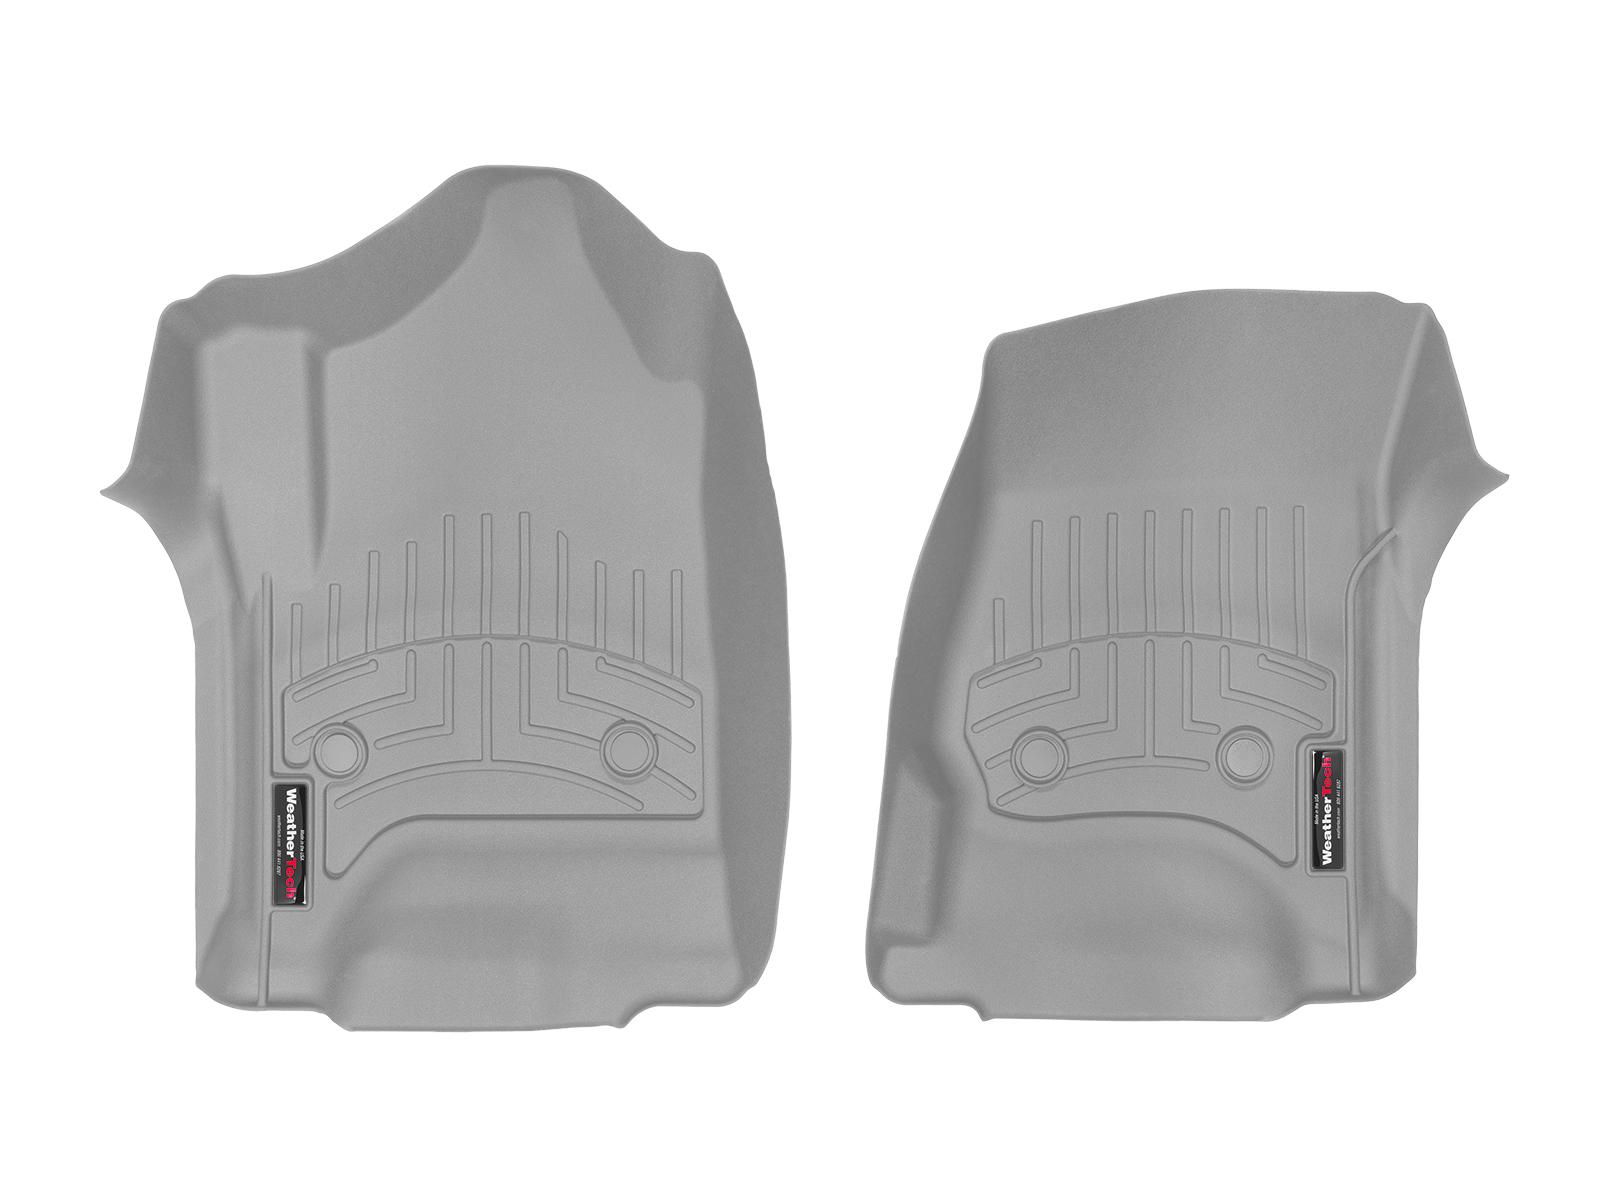 Tappeti gomma su misura bordo alto Chevrolet Silverado 15>17 Grigio A197